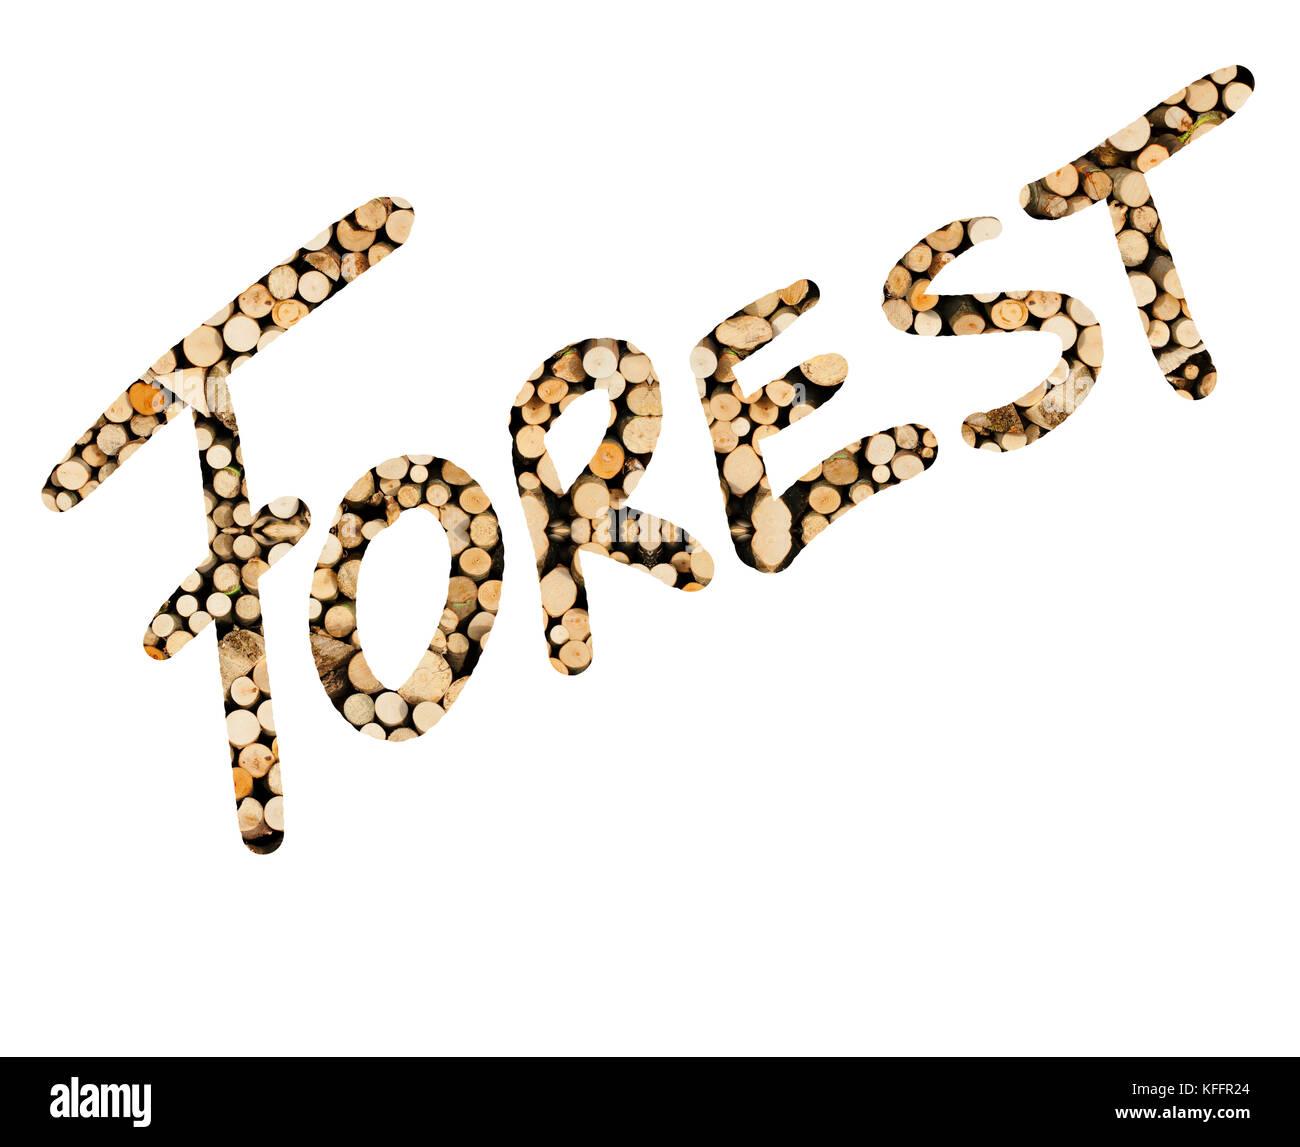 Das johanniskraut Wald aus holzrollen geschrieben, dargestellt Stockbild